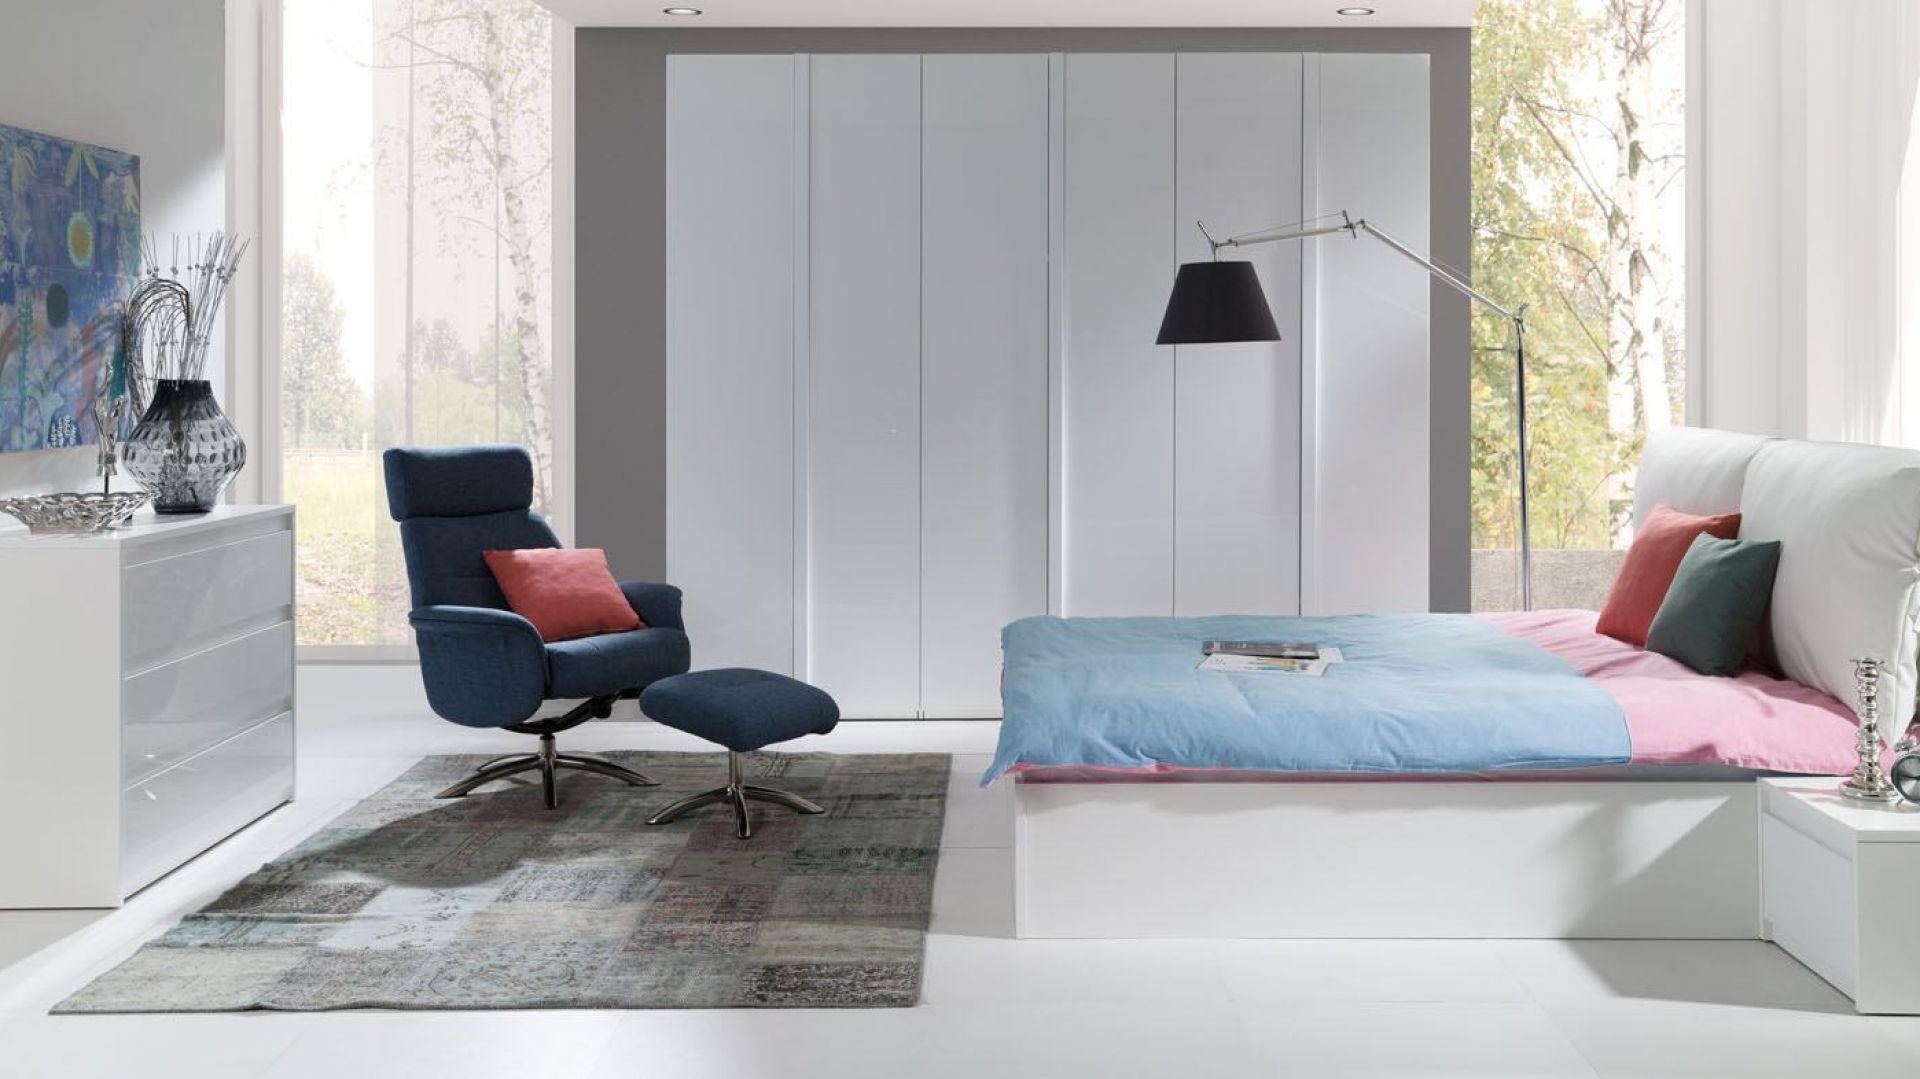 Kolekcja Italia ma nowoczesną stylistykę. Dobrze prezentuje się we wnętrzach minimalistycznych. Fot. Salony Agata